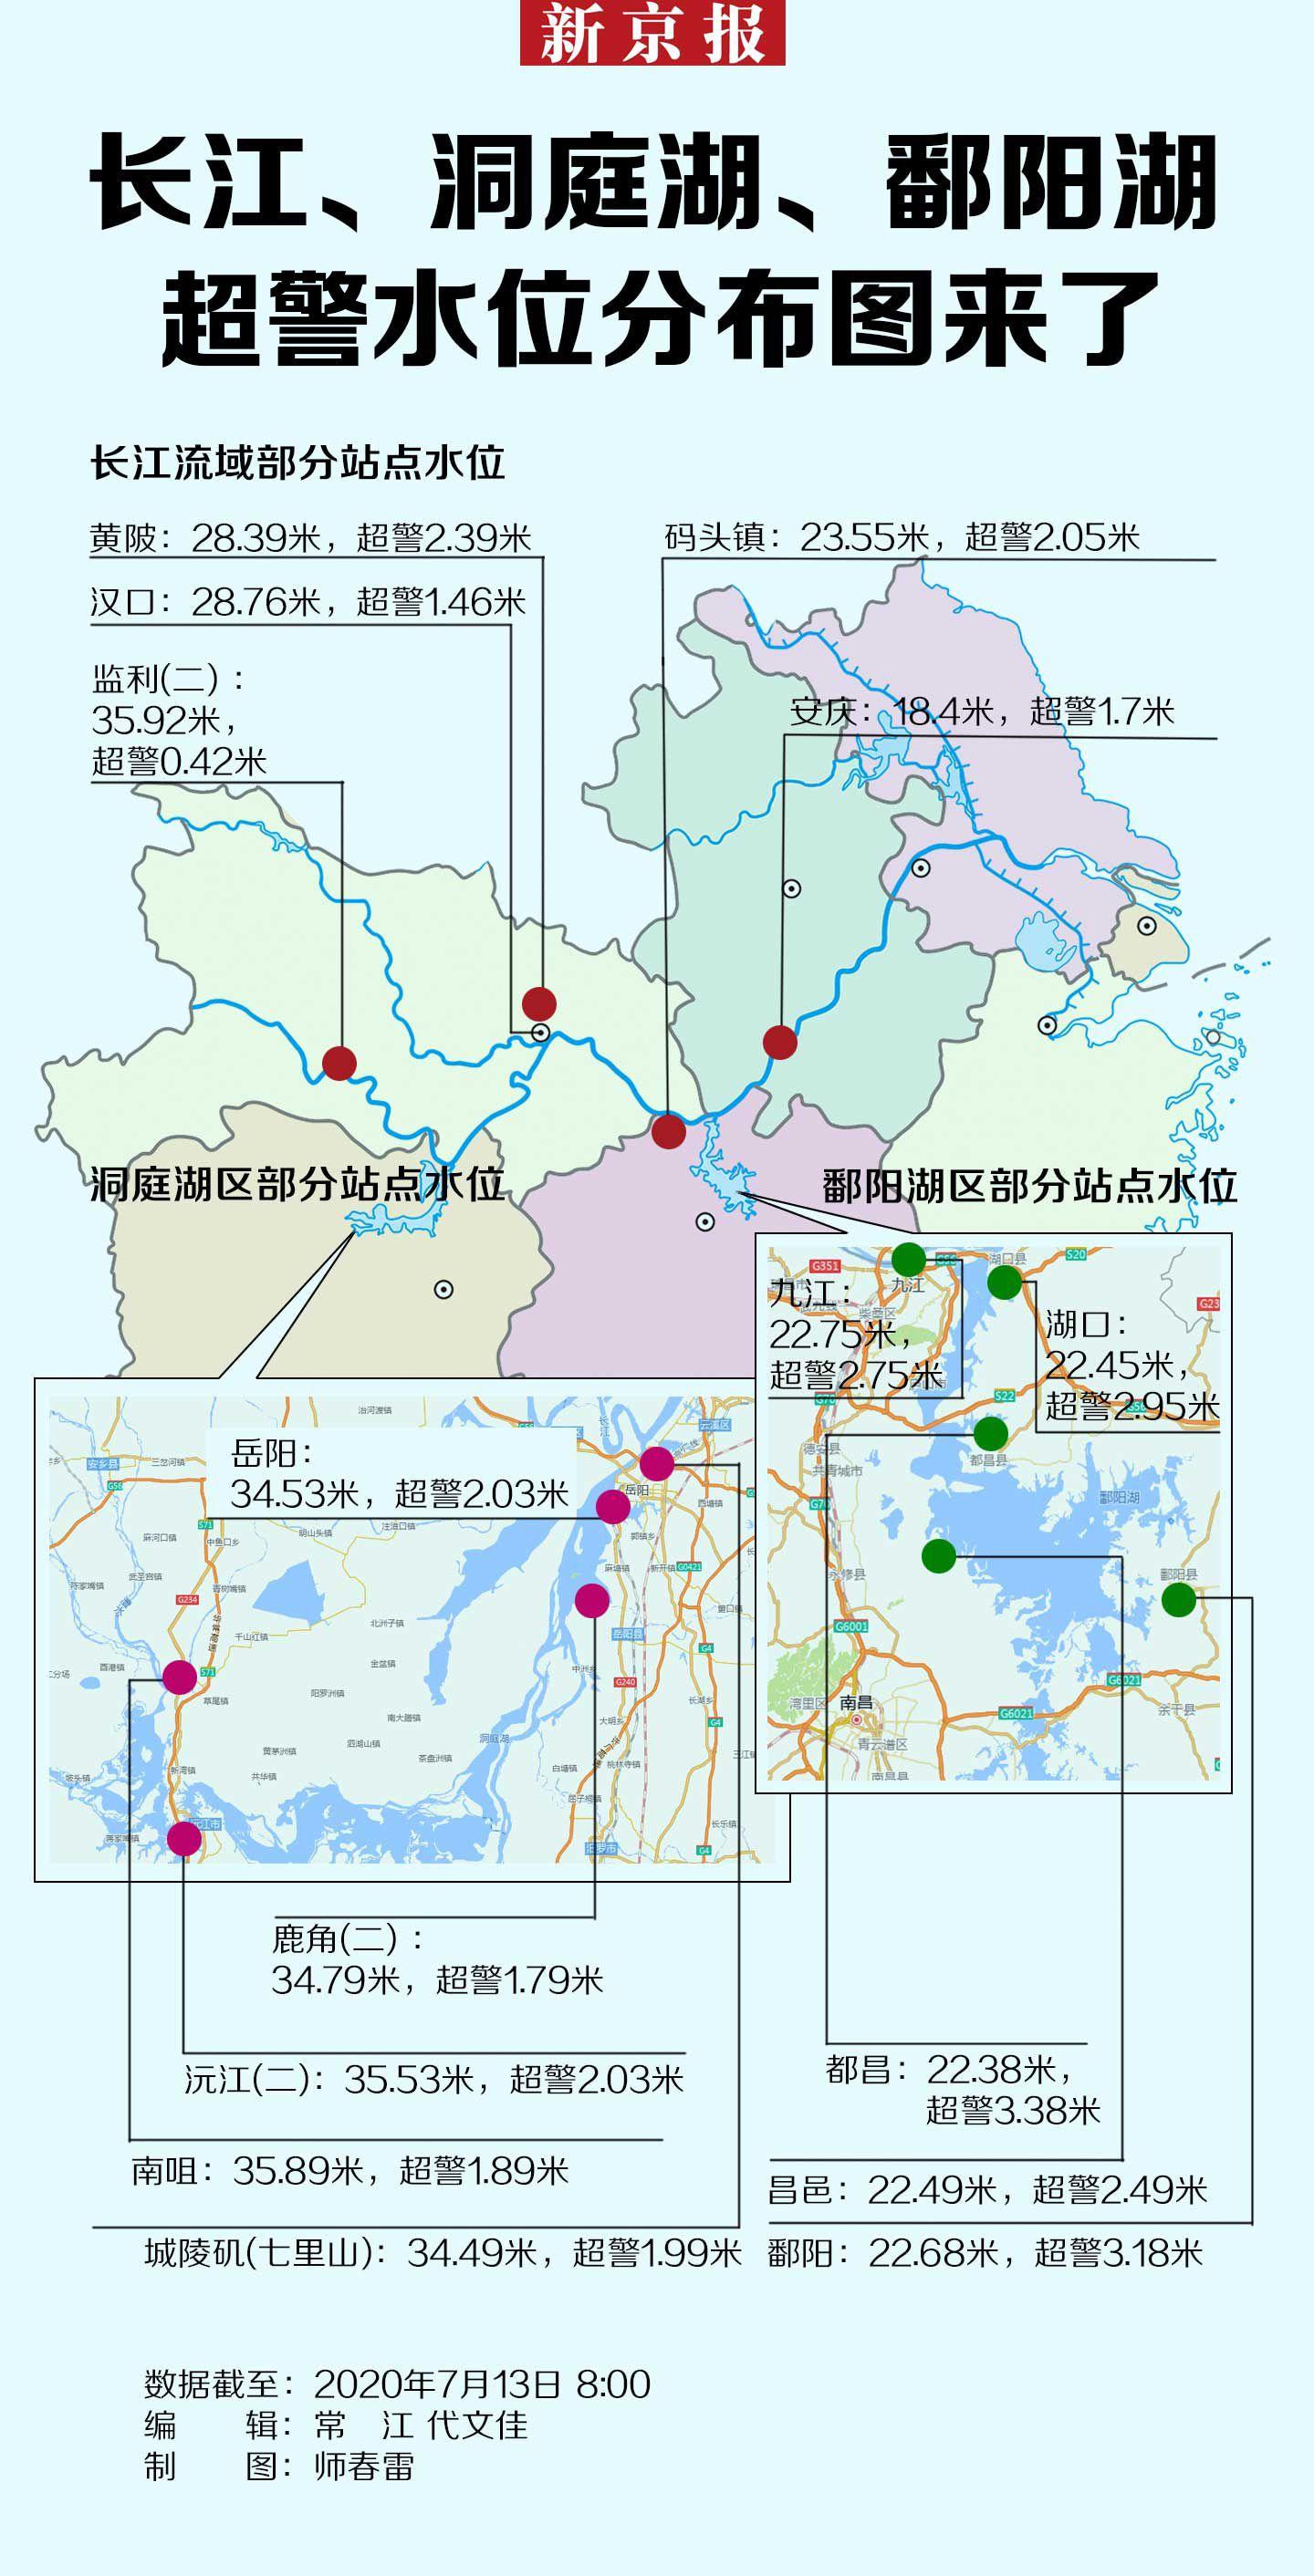 长江洞杏悦庭湖鄱阳湖超警水位分,杏悦图片